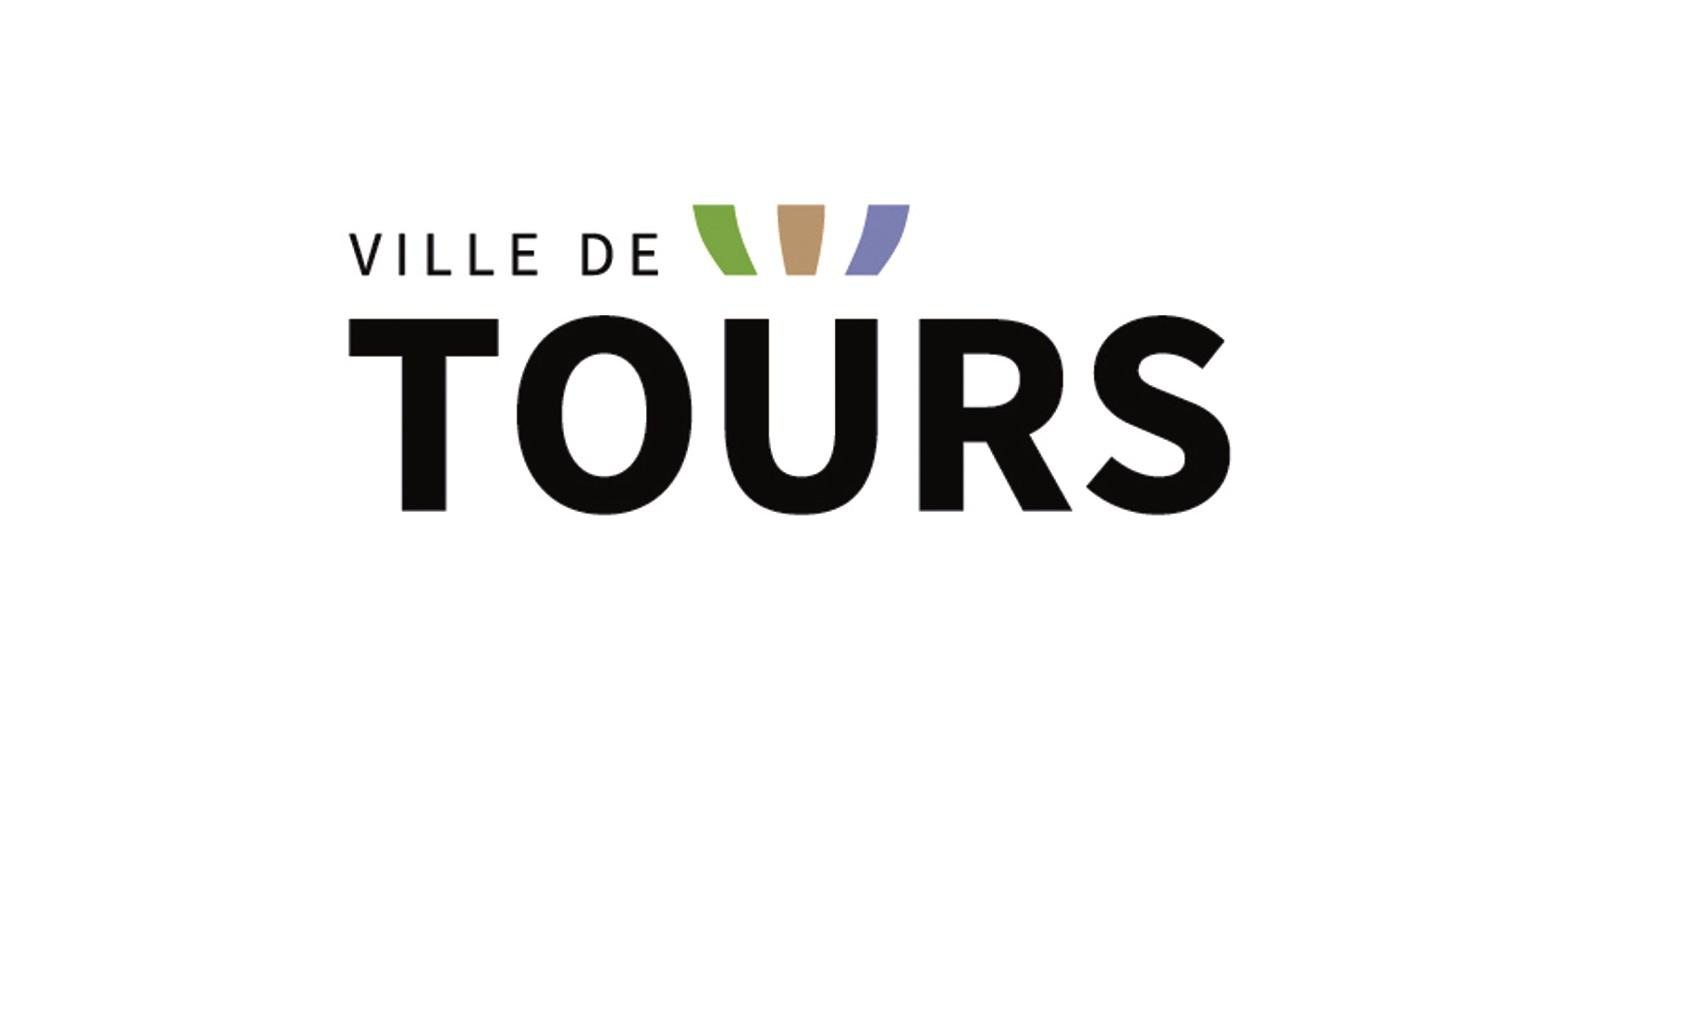 [CITERADIO] Conférence de presse avant le Conseil Municipal de la ville de Tours – Budget de la ville – 7 février 2020